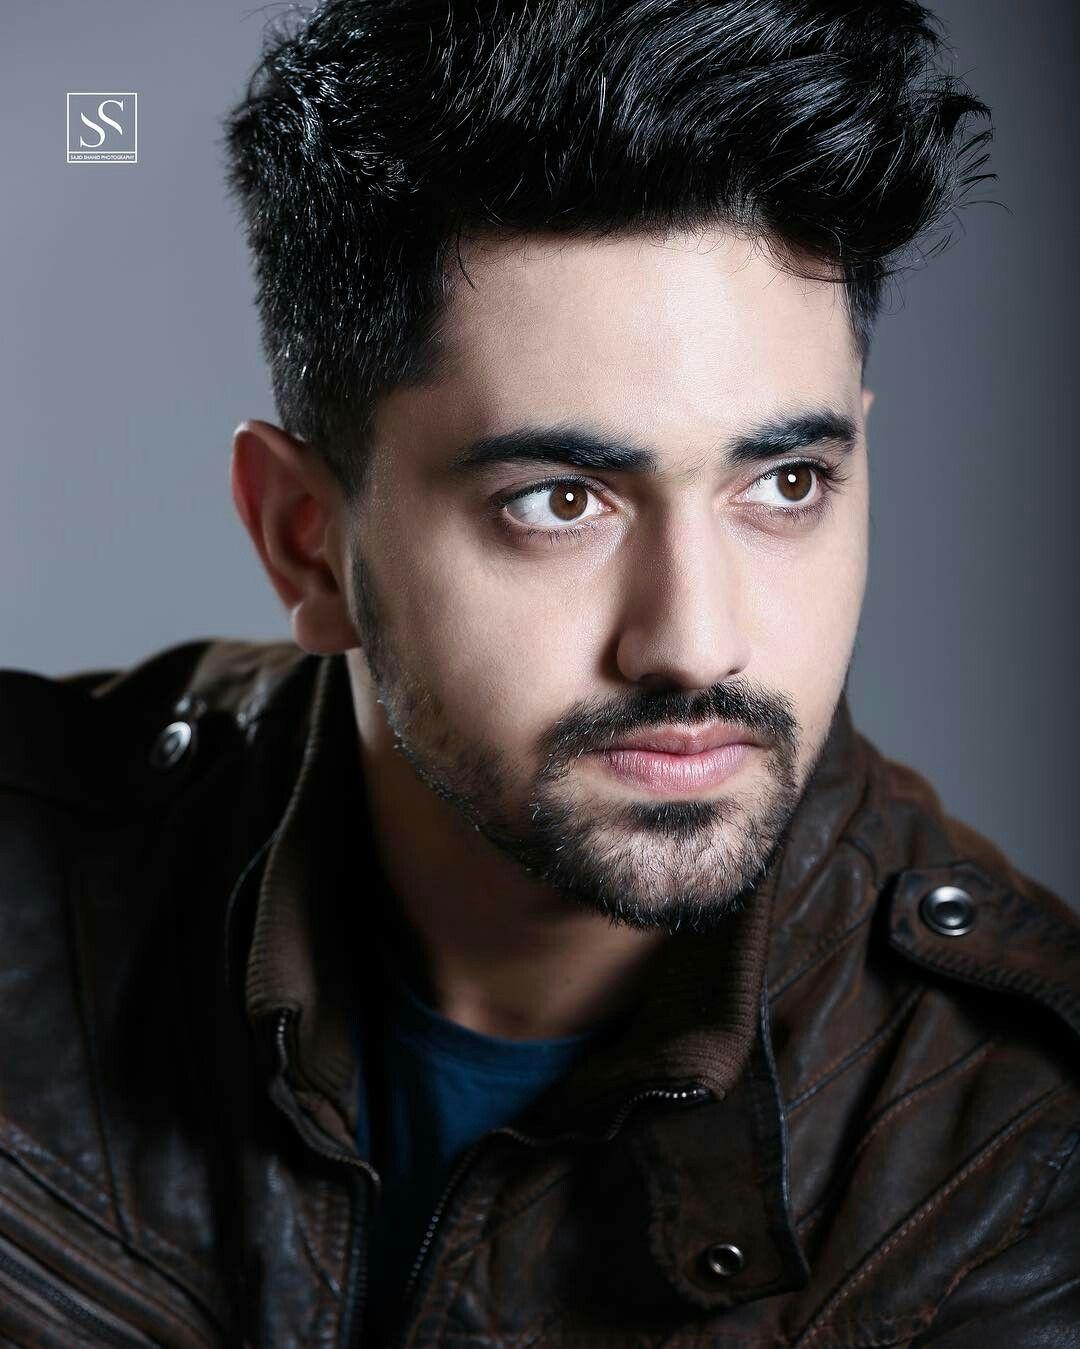 Hindi Serial Male Actors Names And Photos